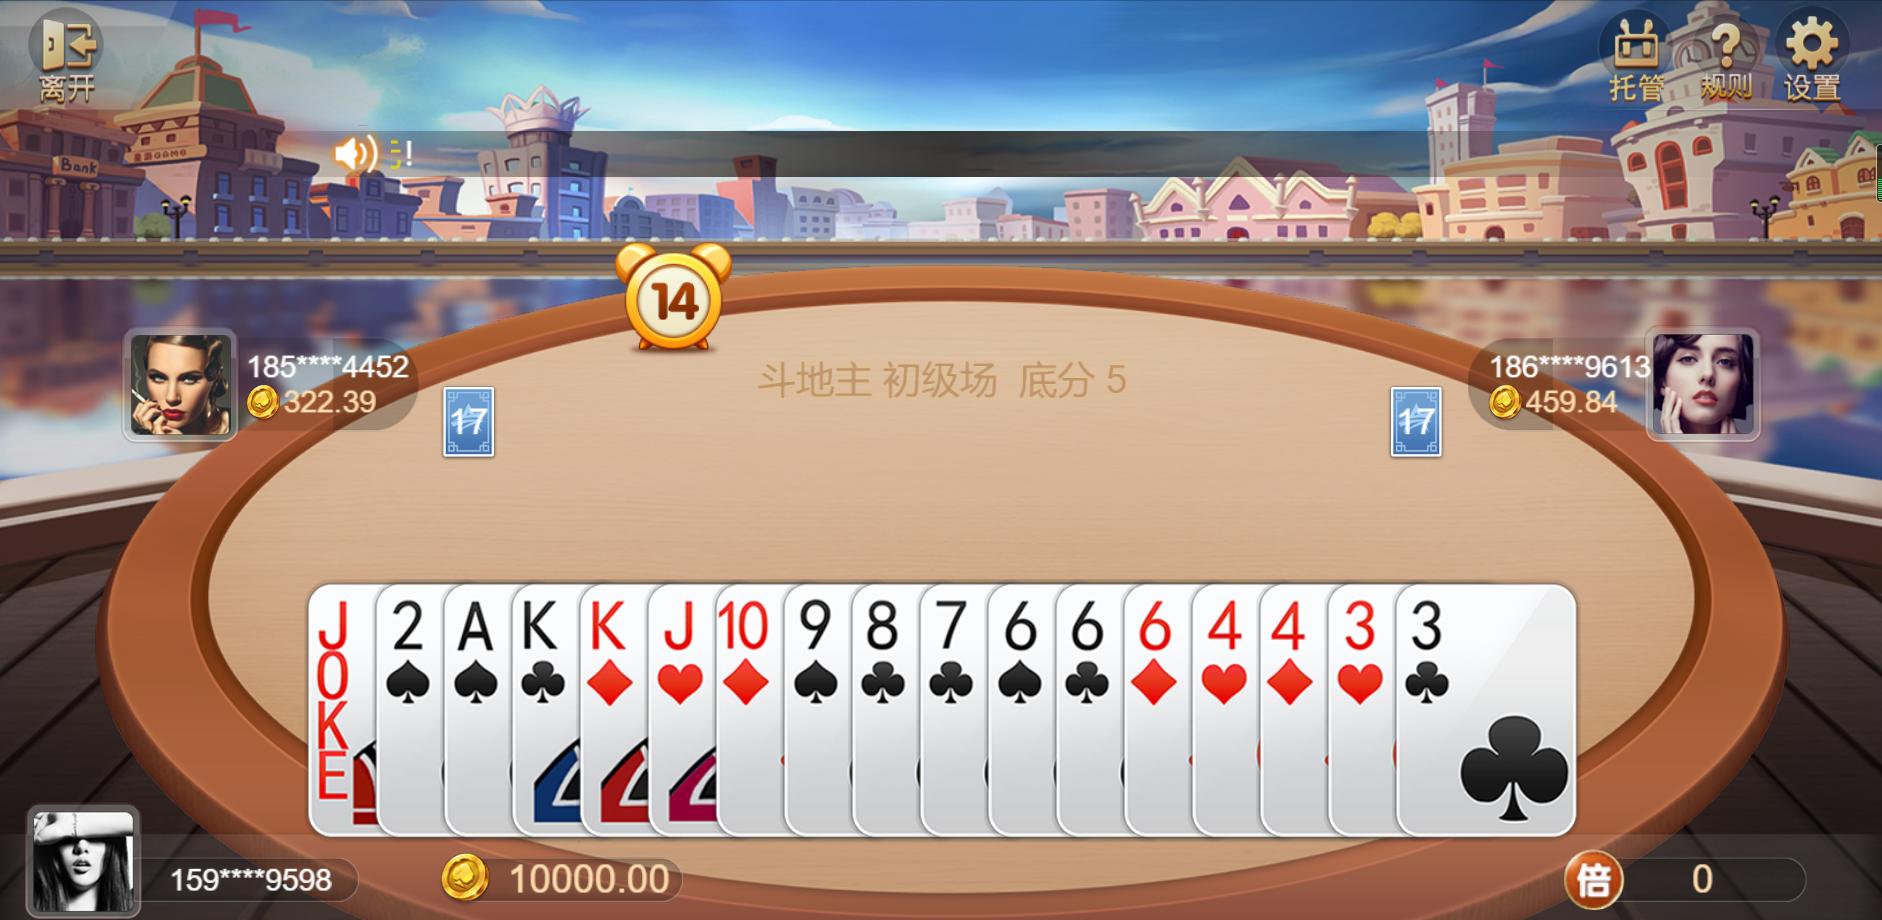 【独家首发】h5棋牌源代码cocos开发可二开+详细教程